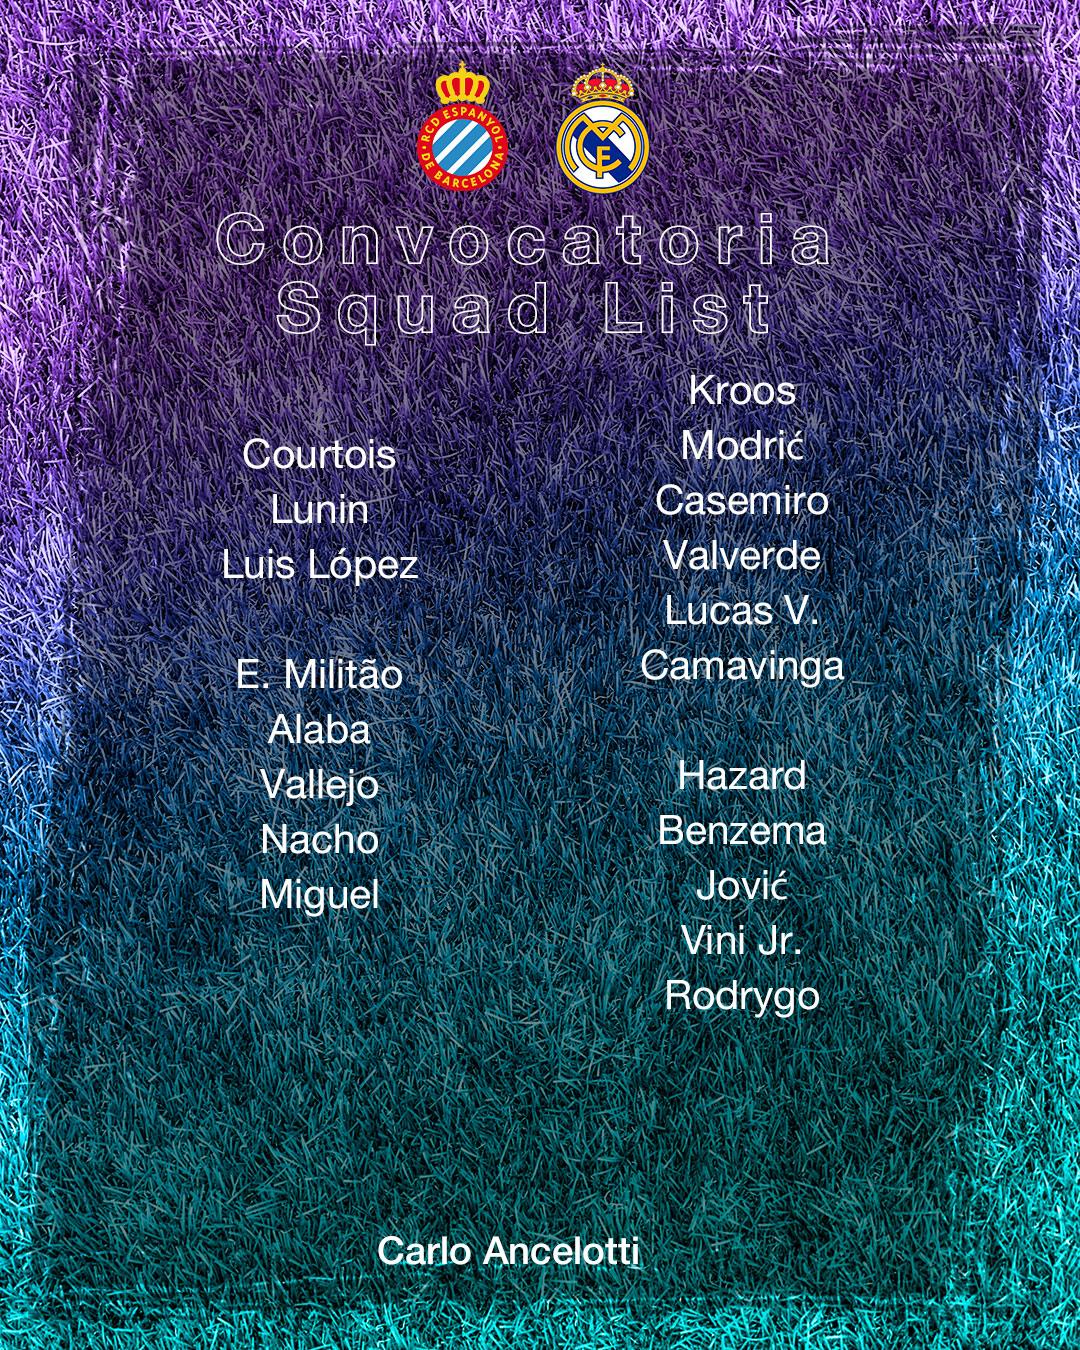 Real Madrid List